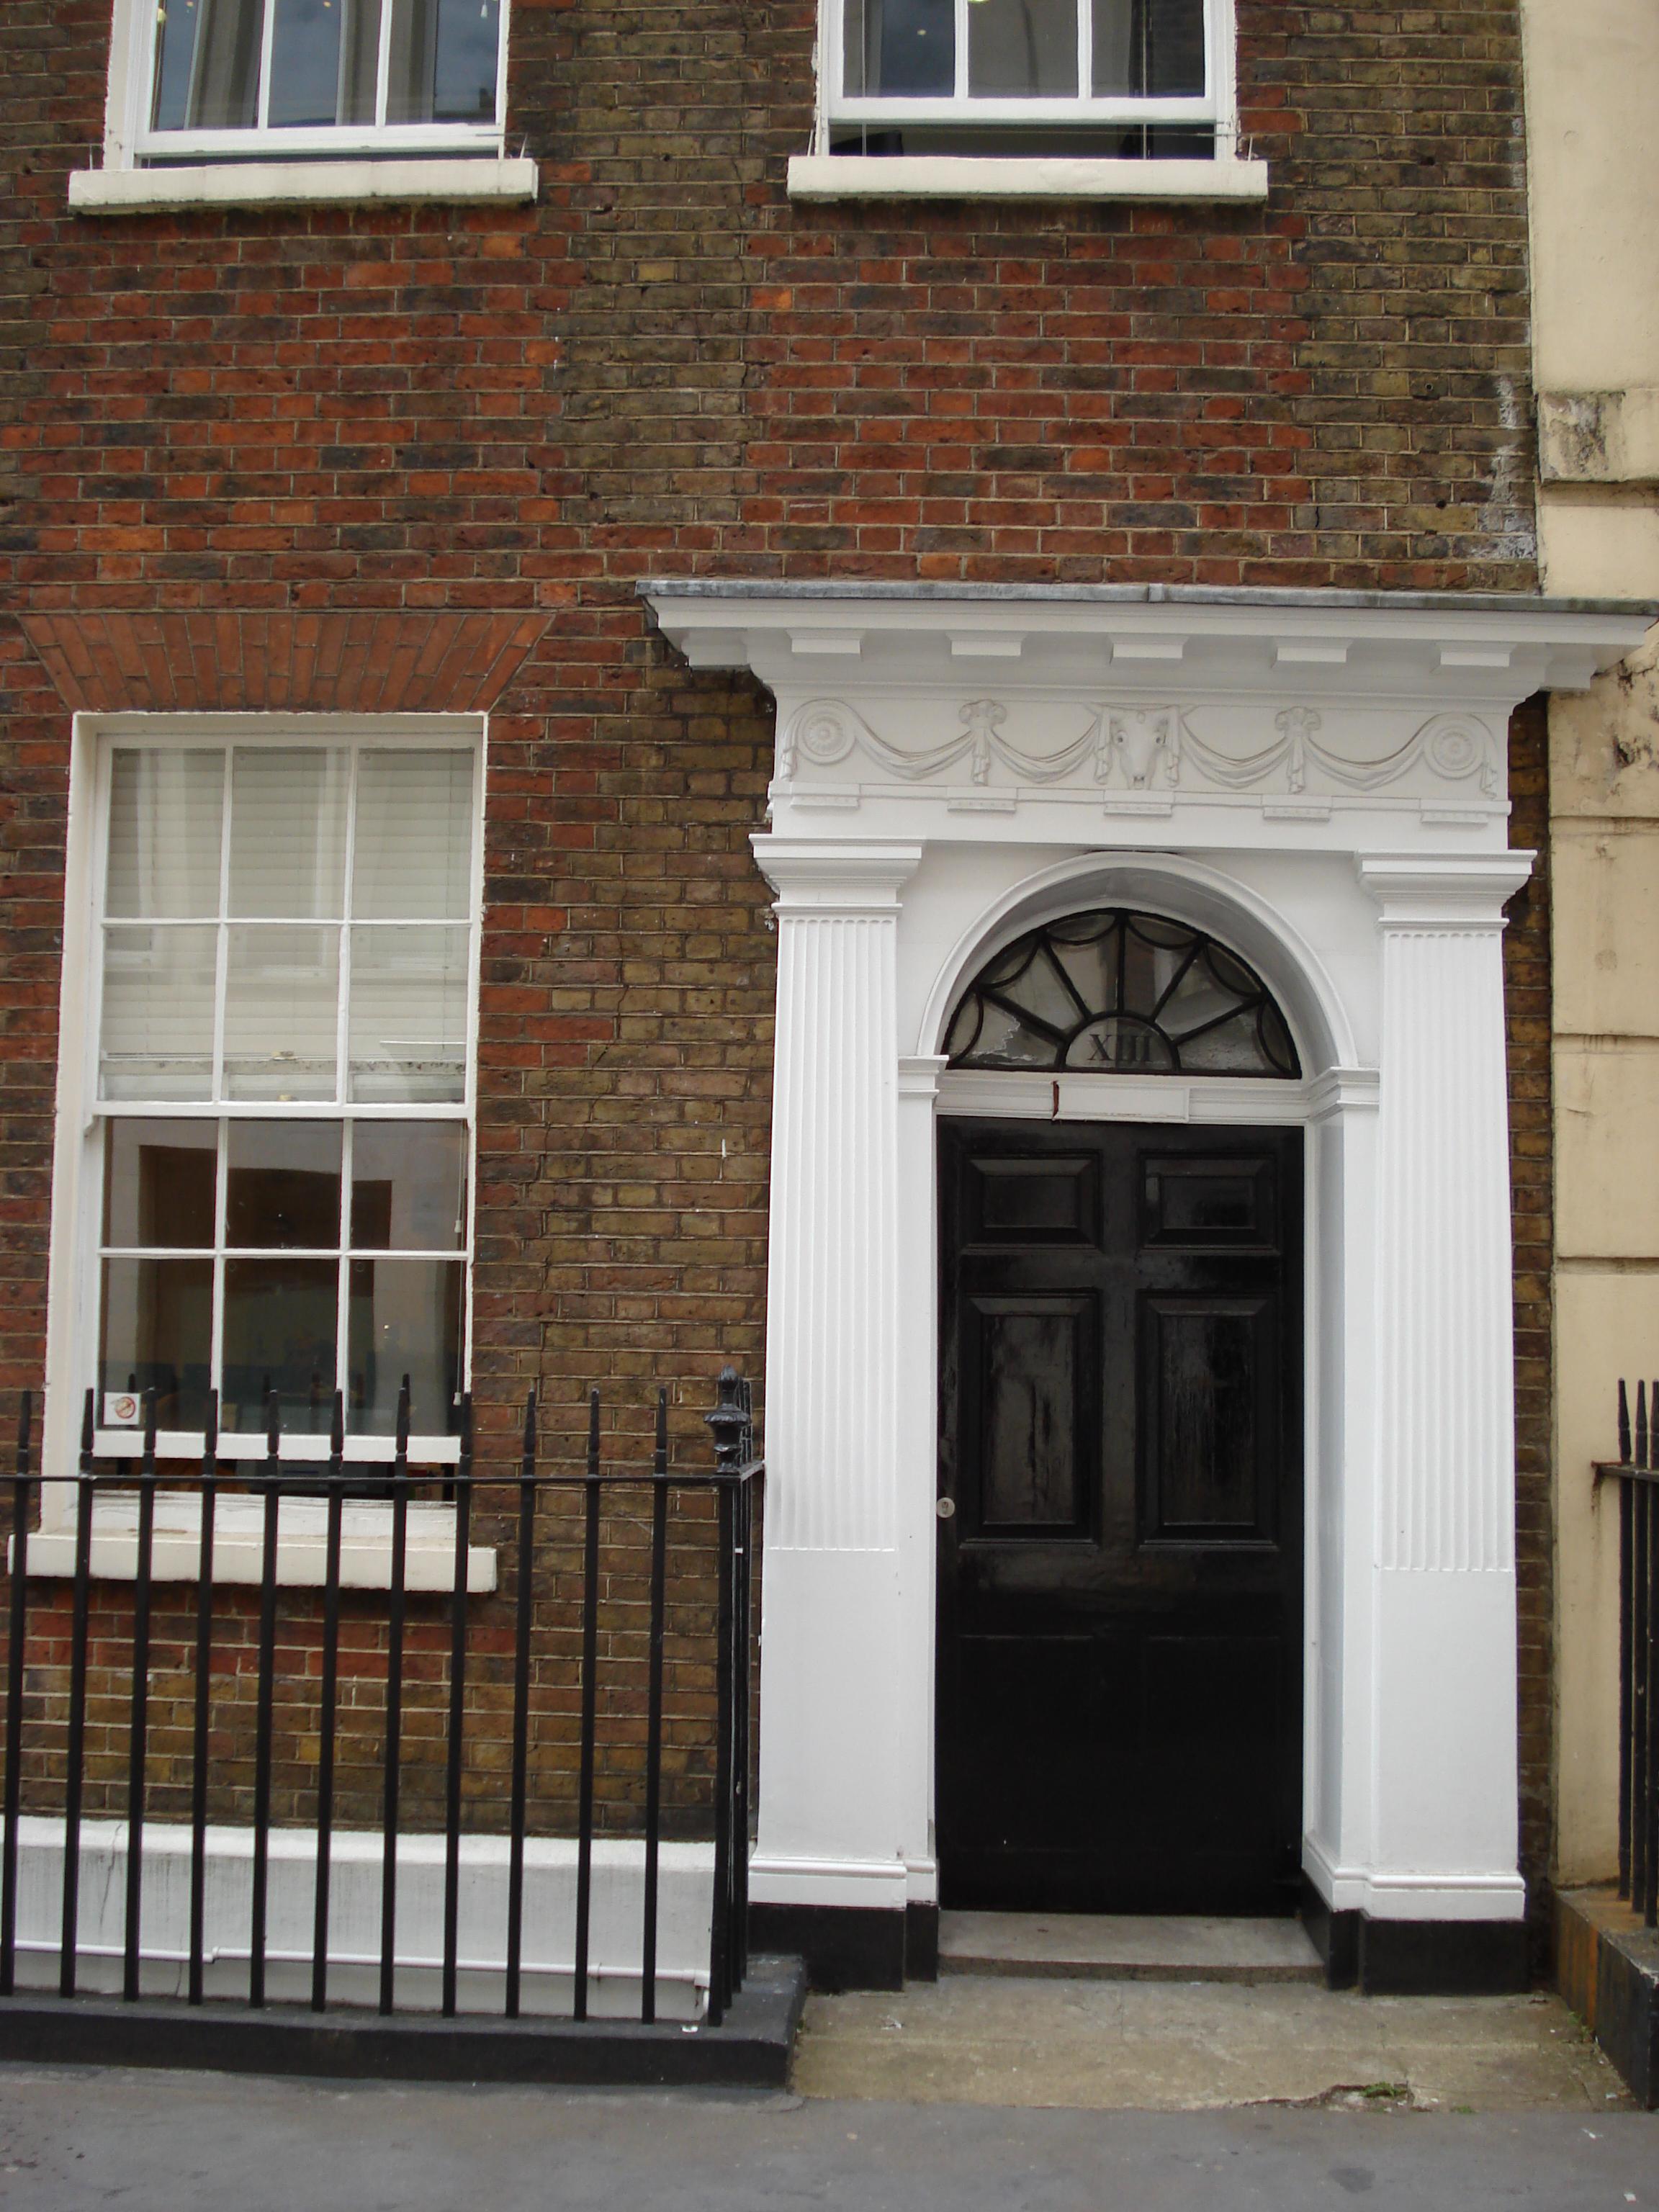 13 Buckingham Street, Strand, office of the Men's Political Union for Women's Enfranchisement